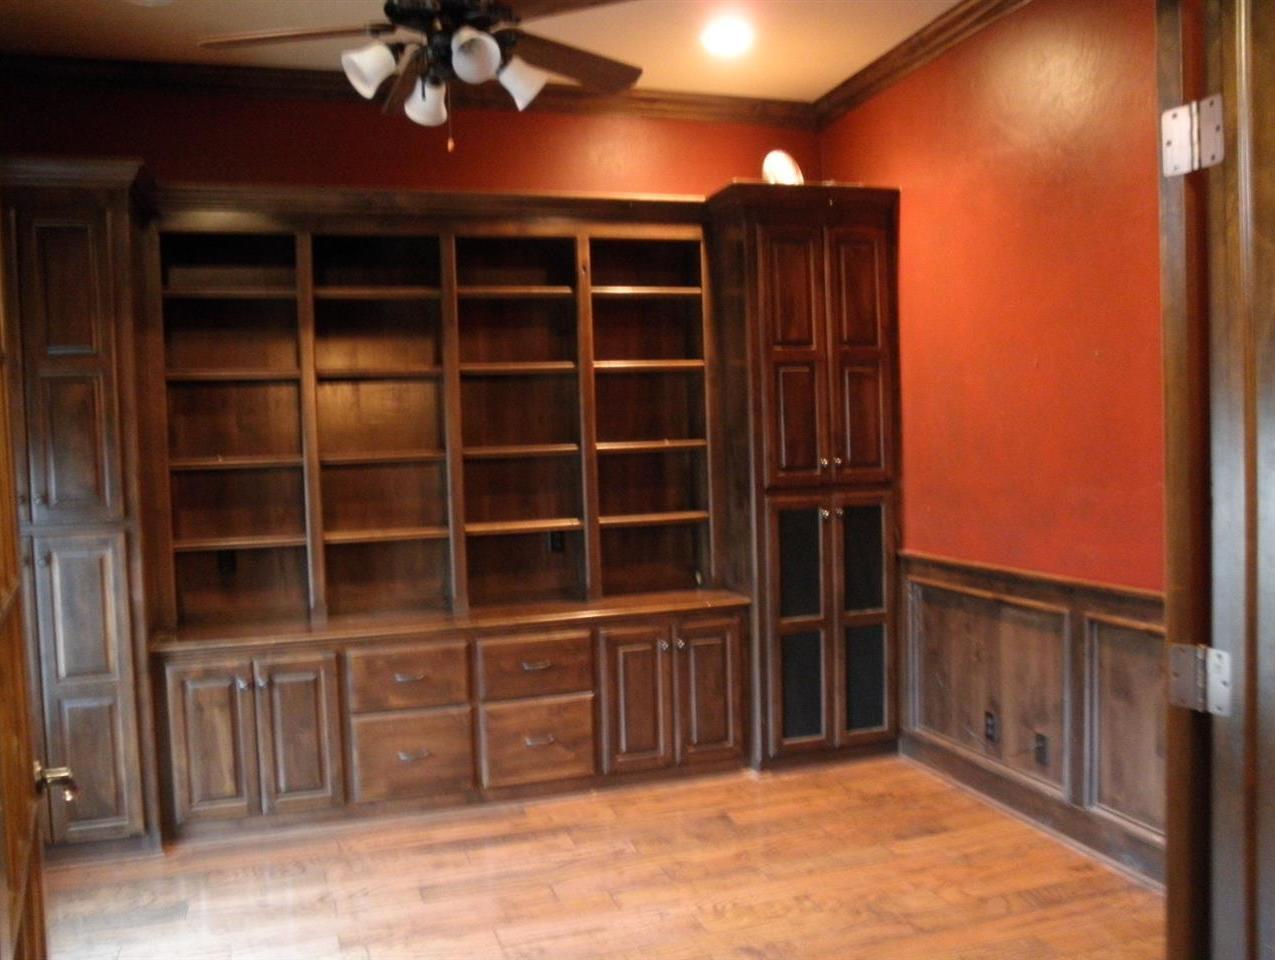 Sold Cross Sale W/ MLS | 2705 Mockingbird  Ponca City, OK 74604 3